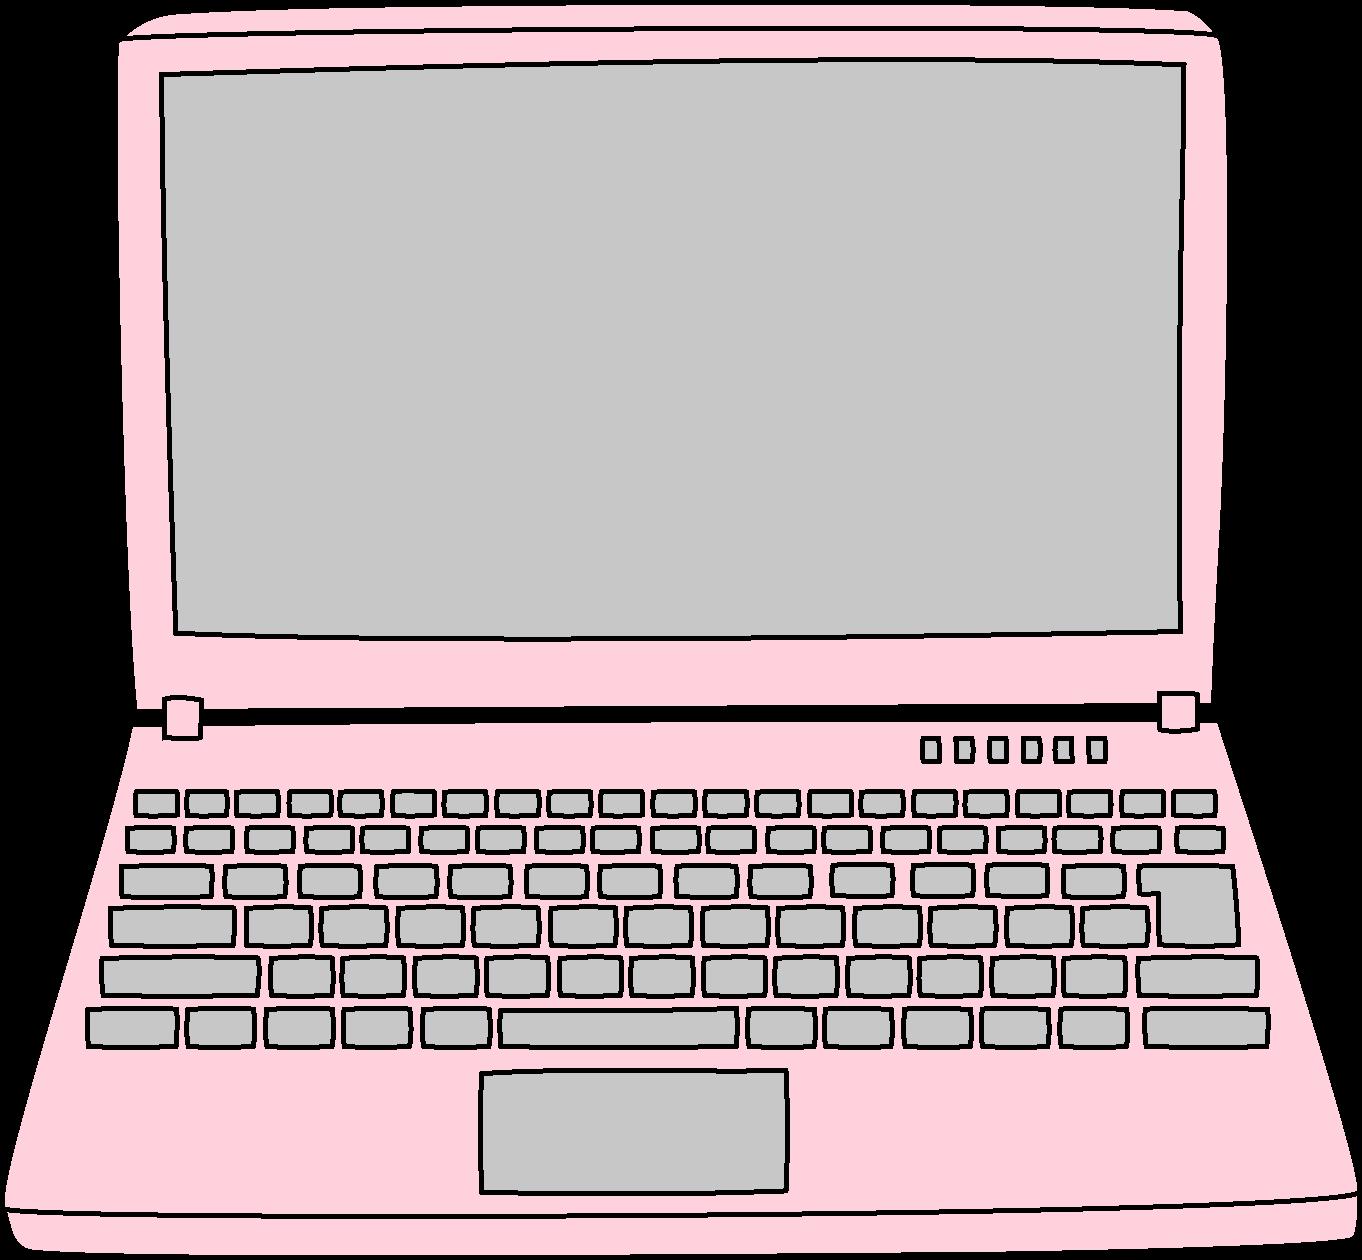 Ноутбук раскраска картинки